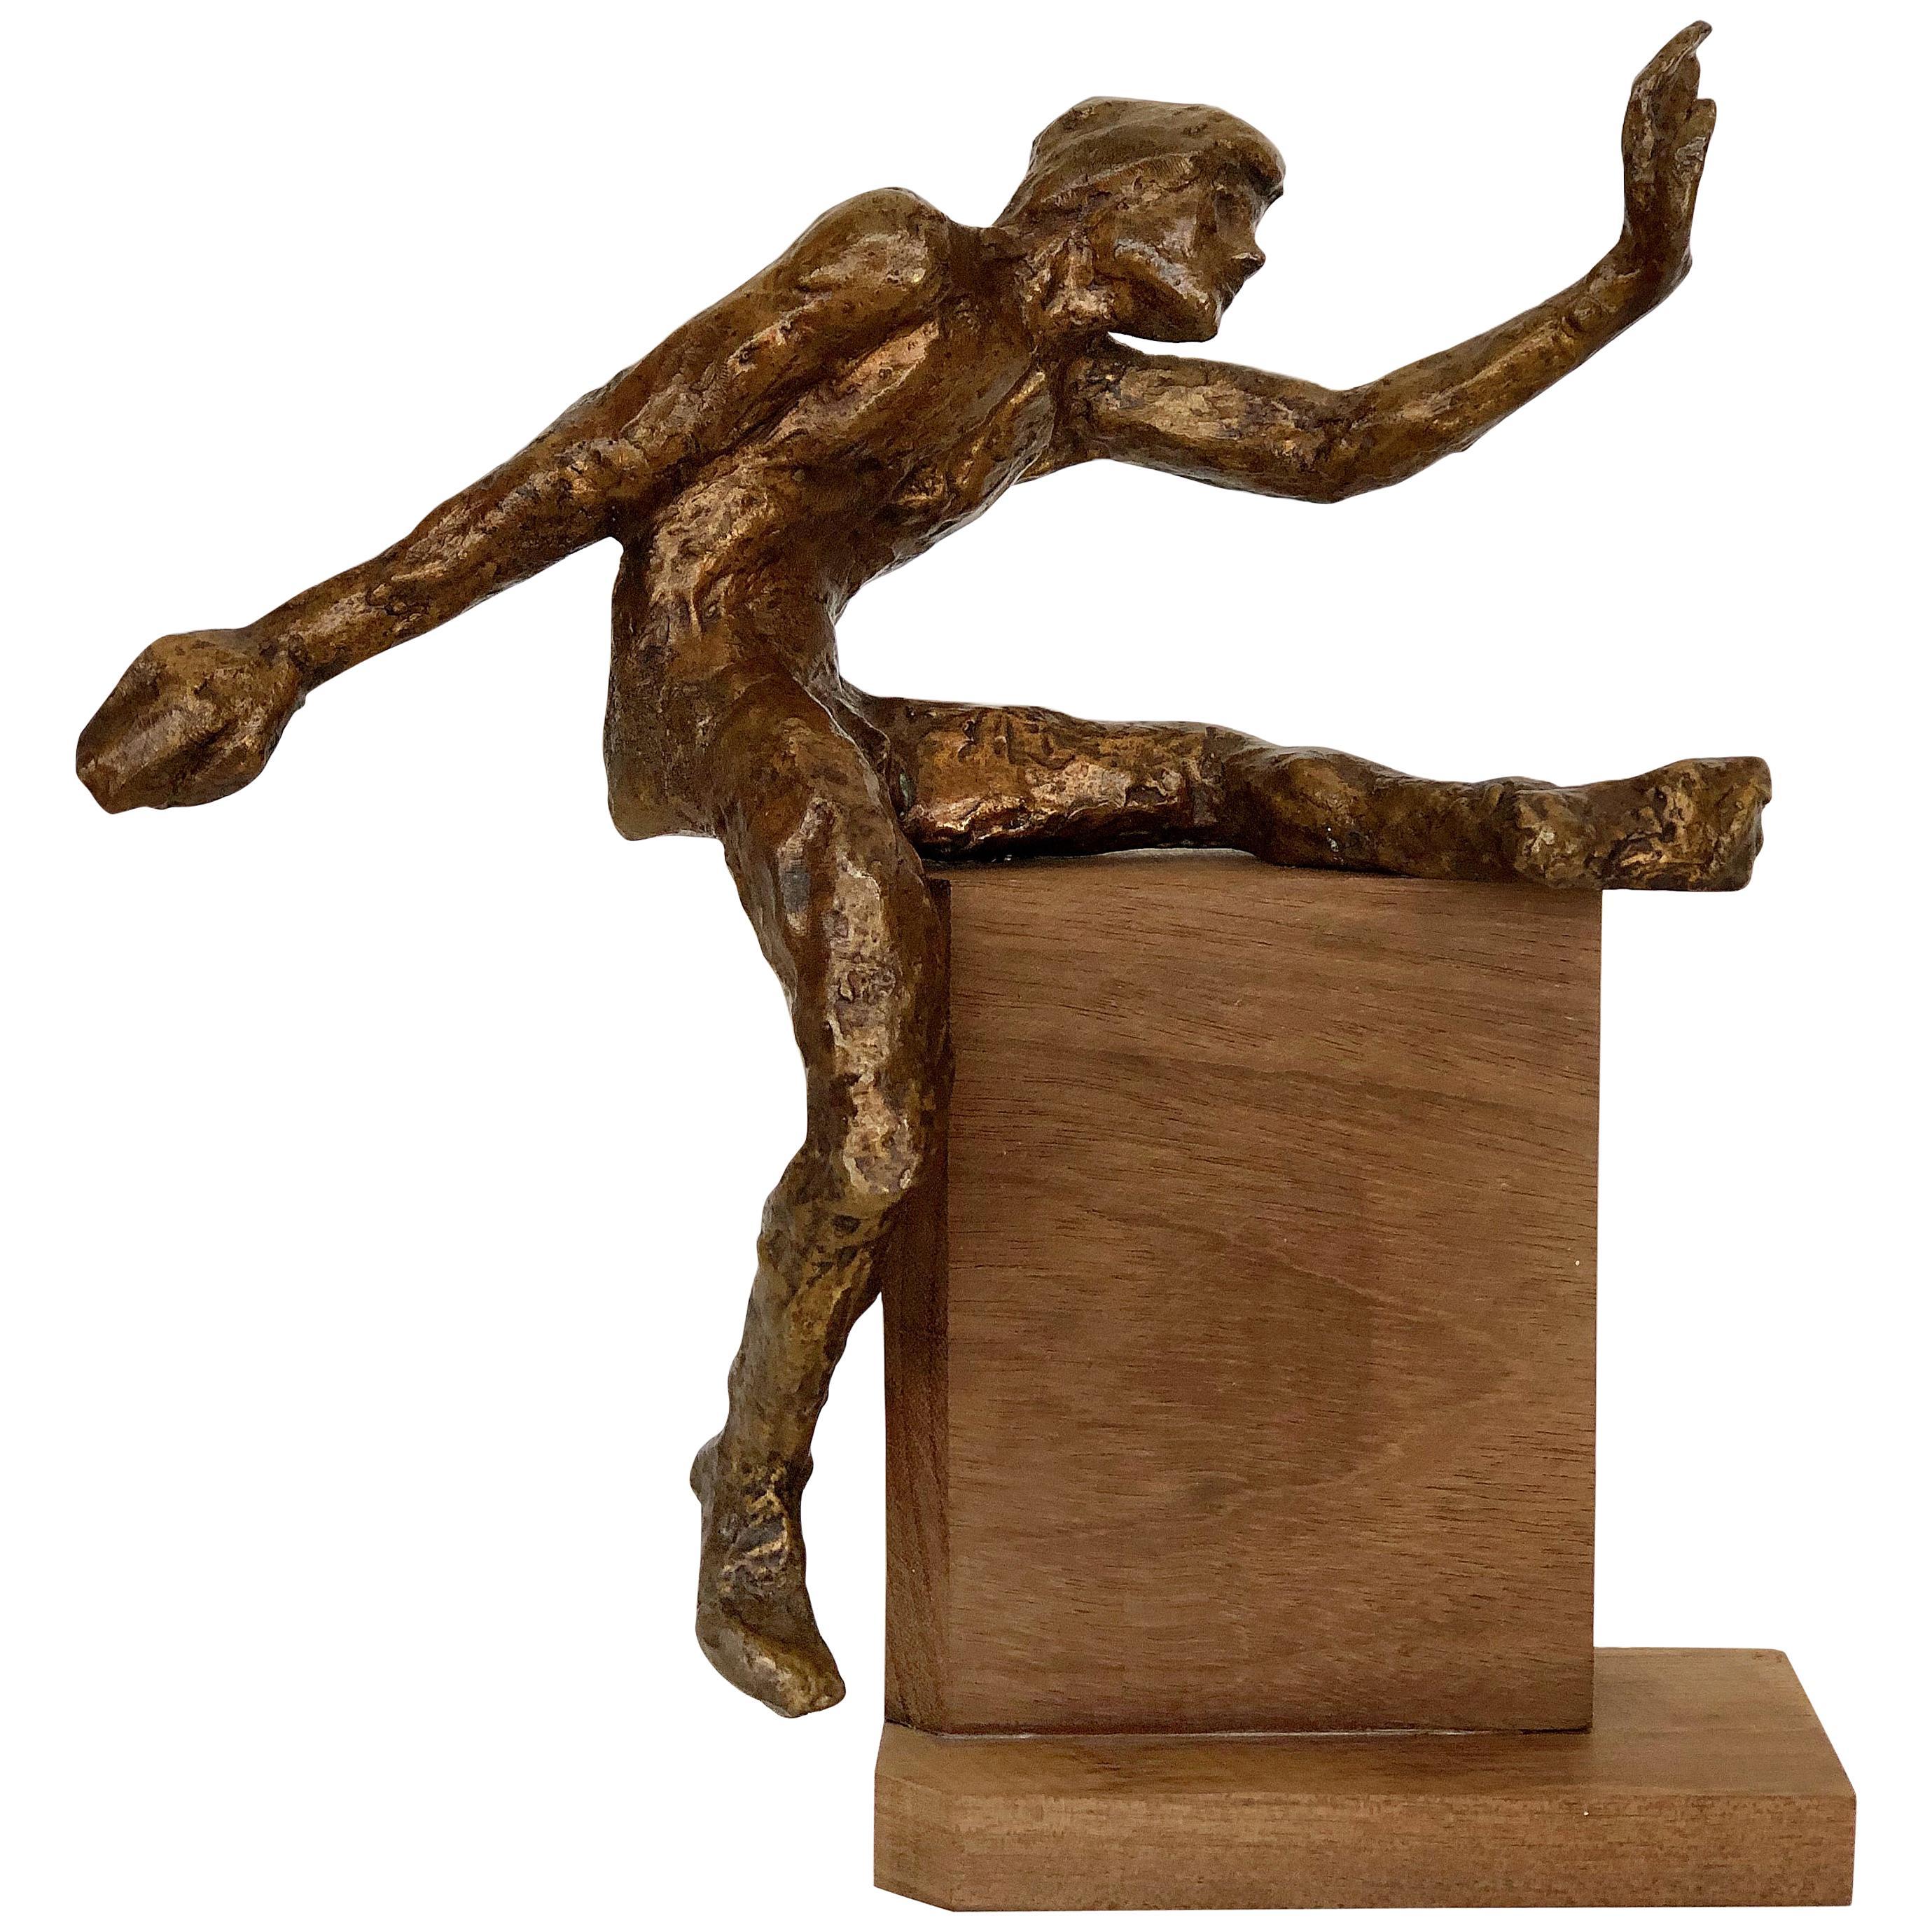 1960s Midcentury Victor Salmones Bronze Sculpture